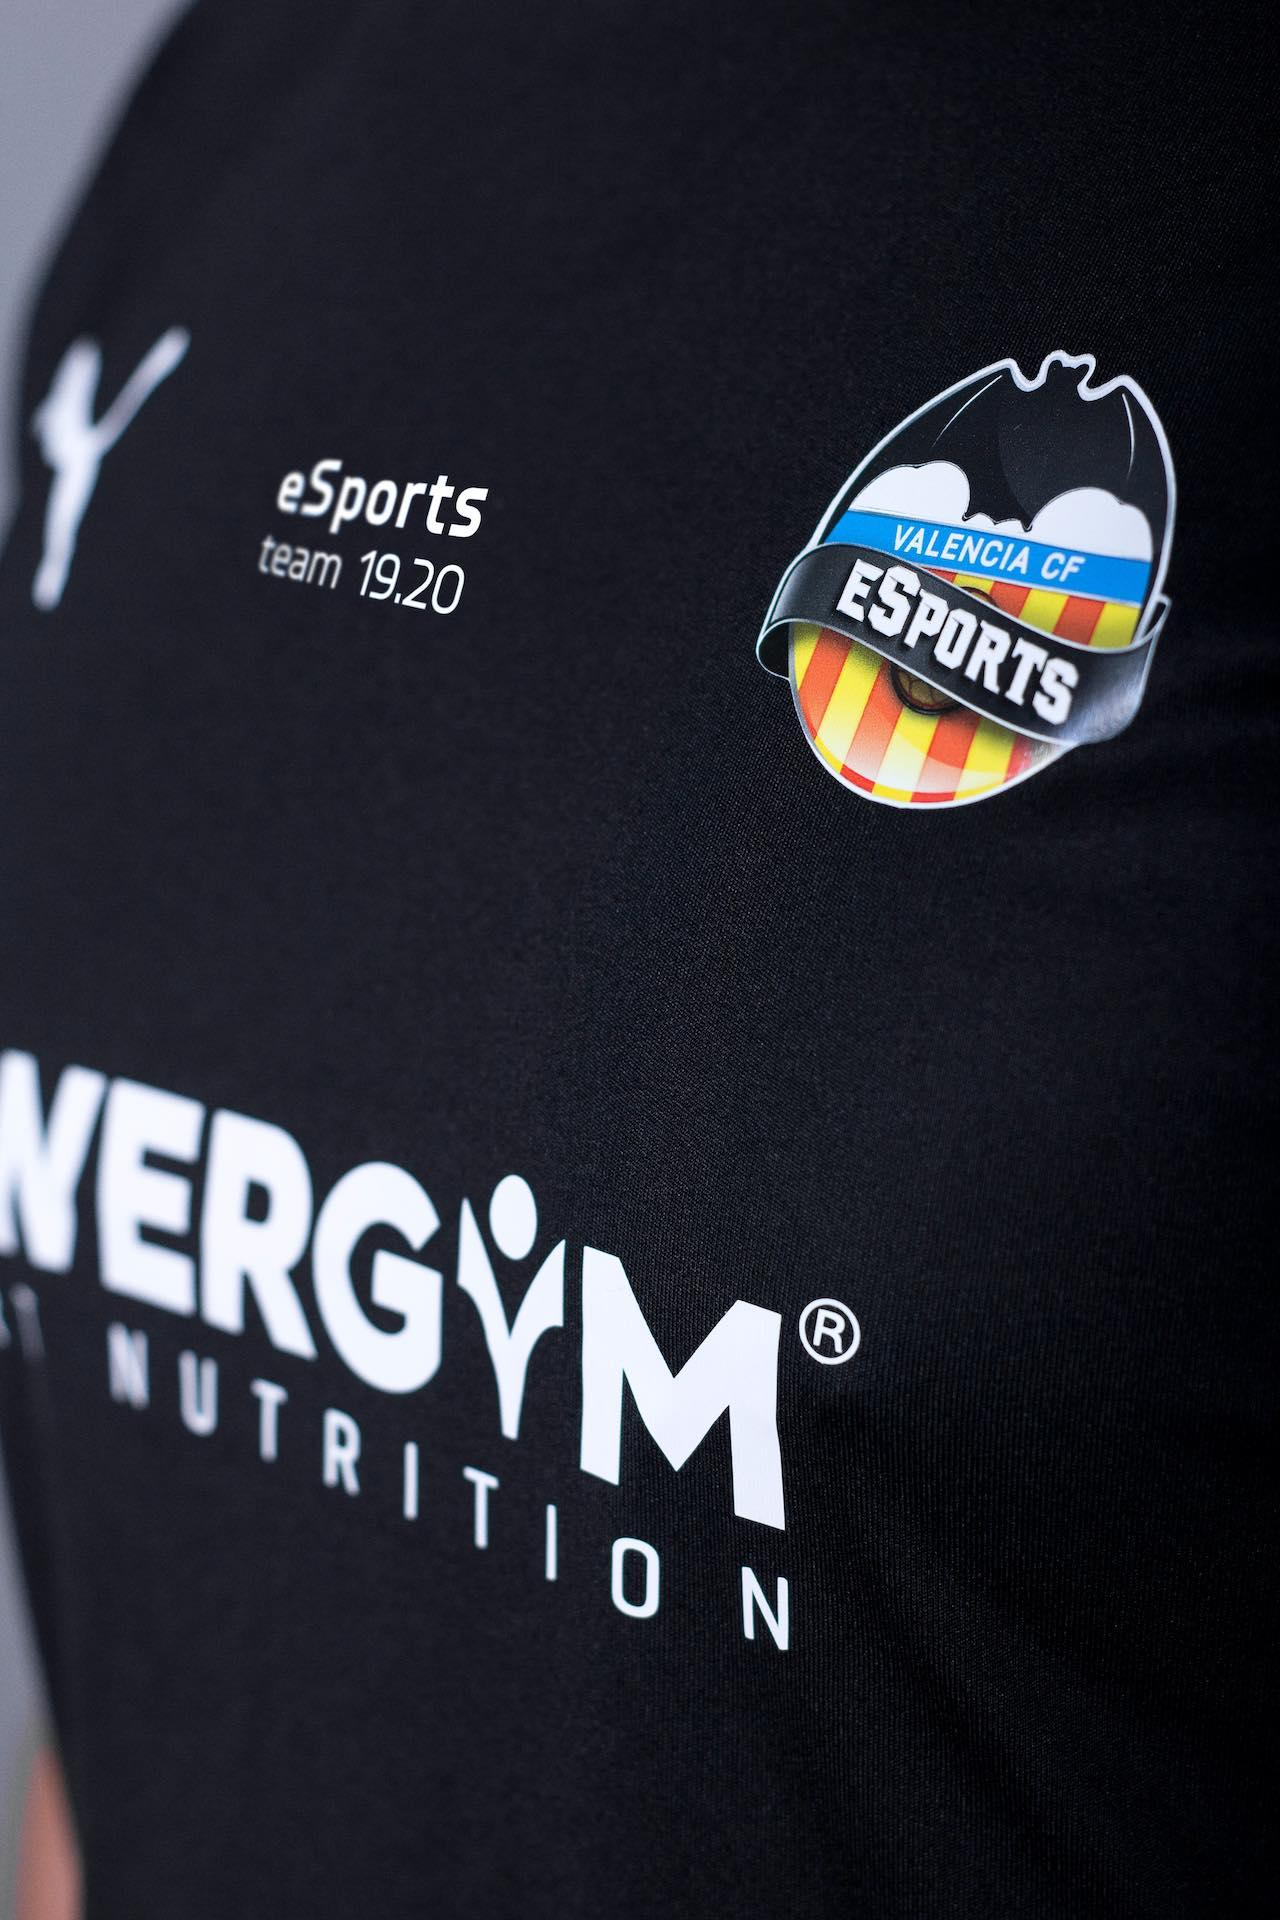 Powergym VCF eSports